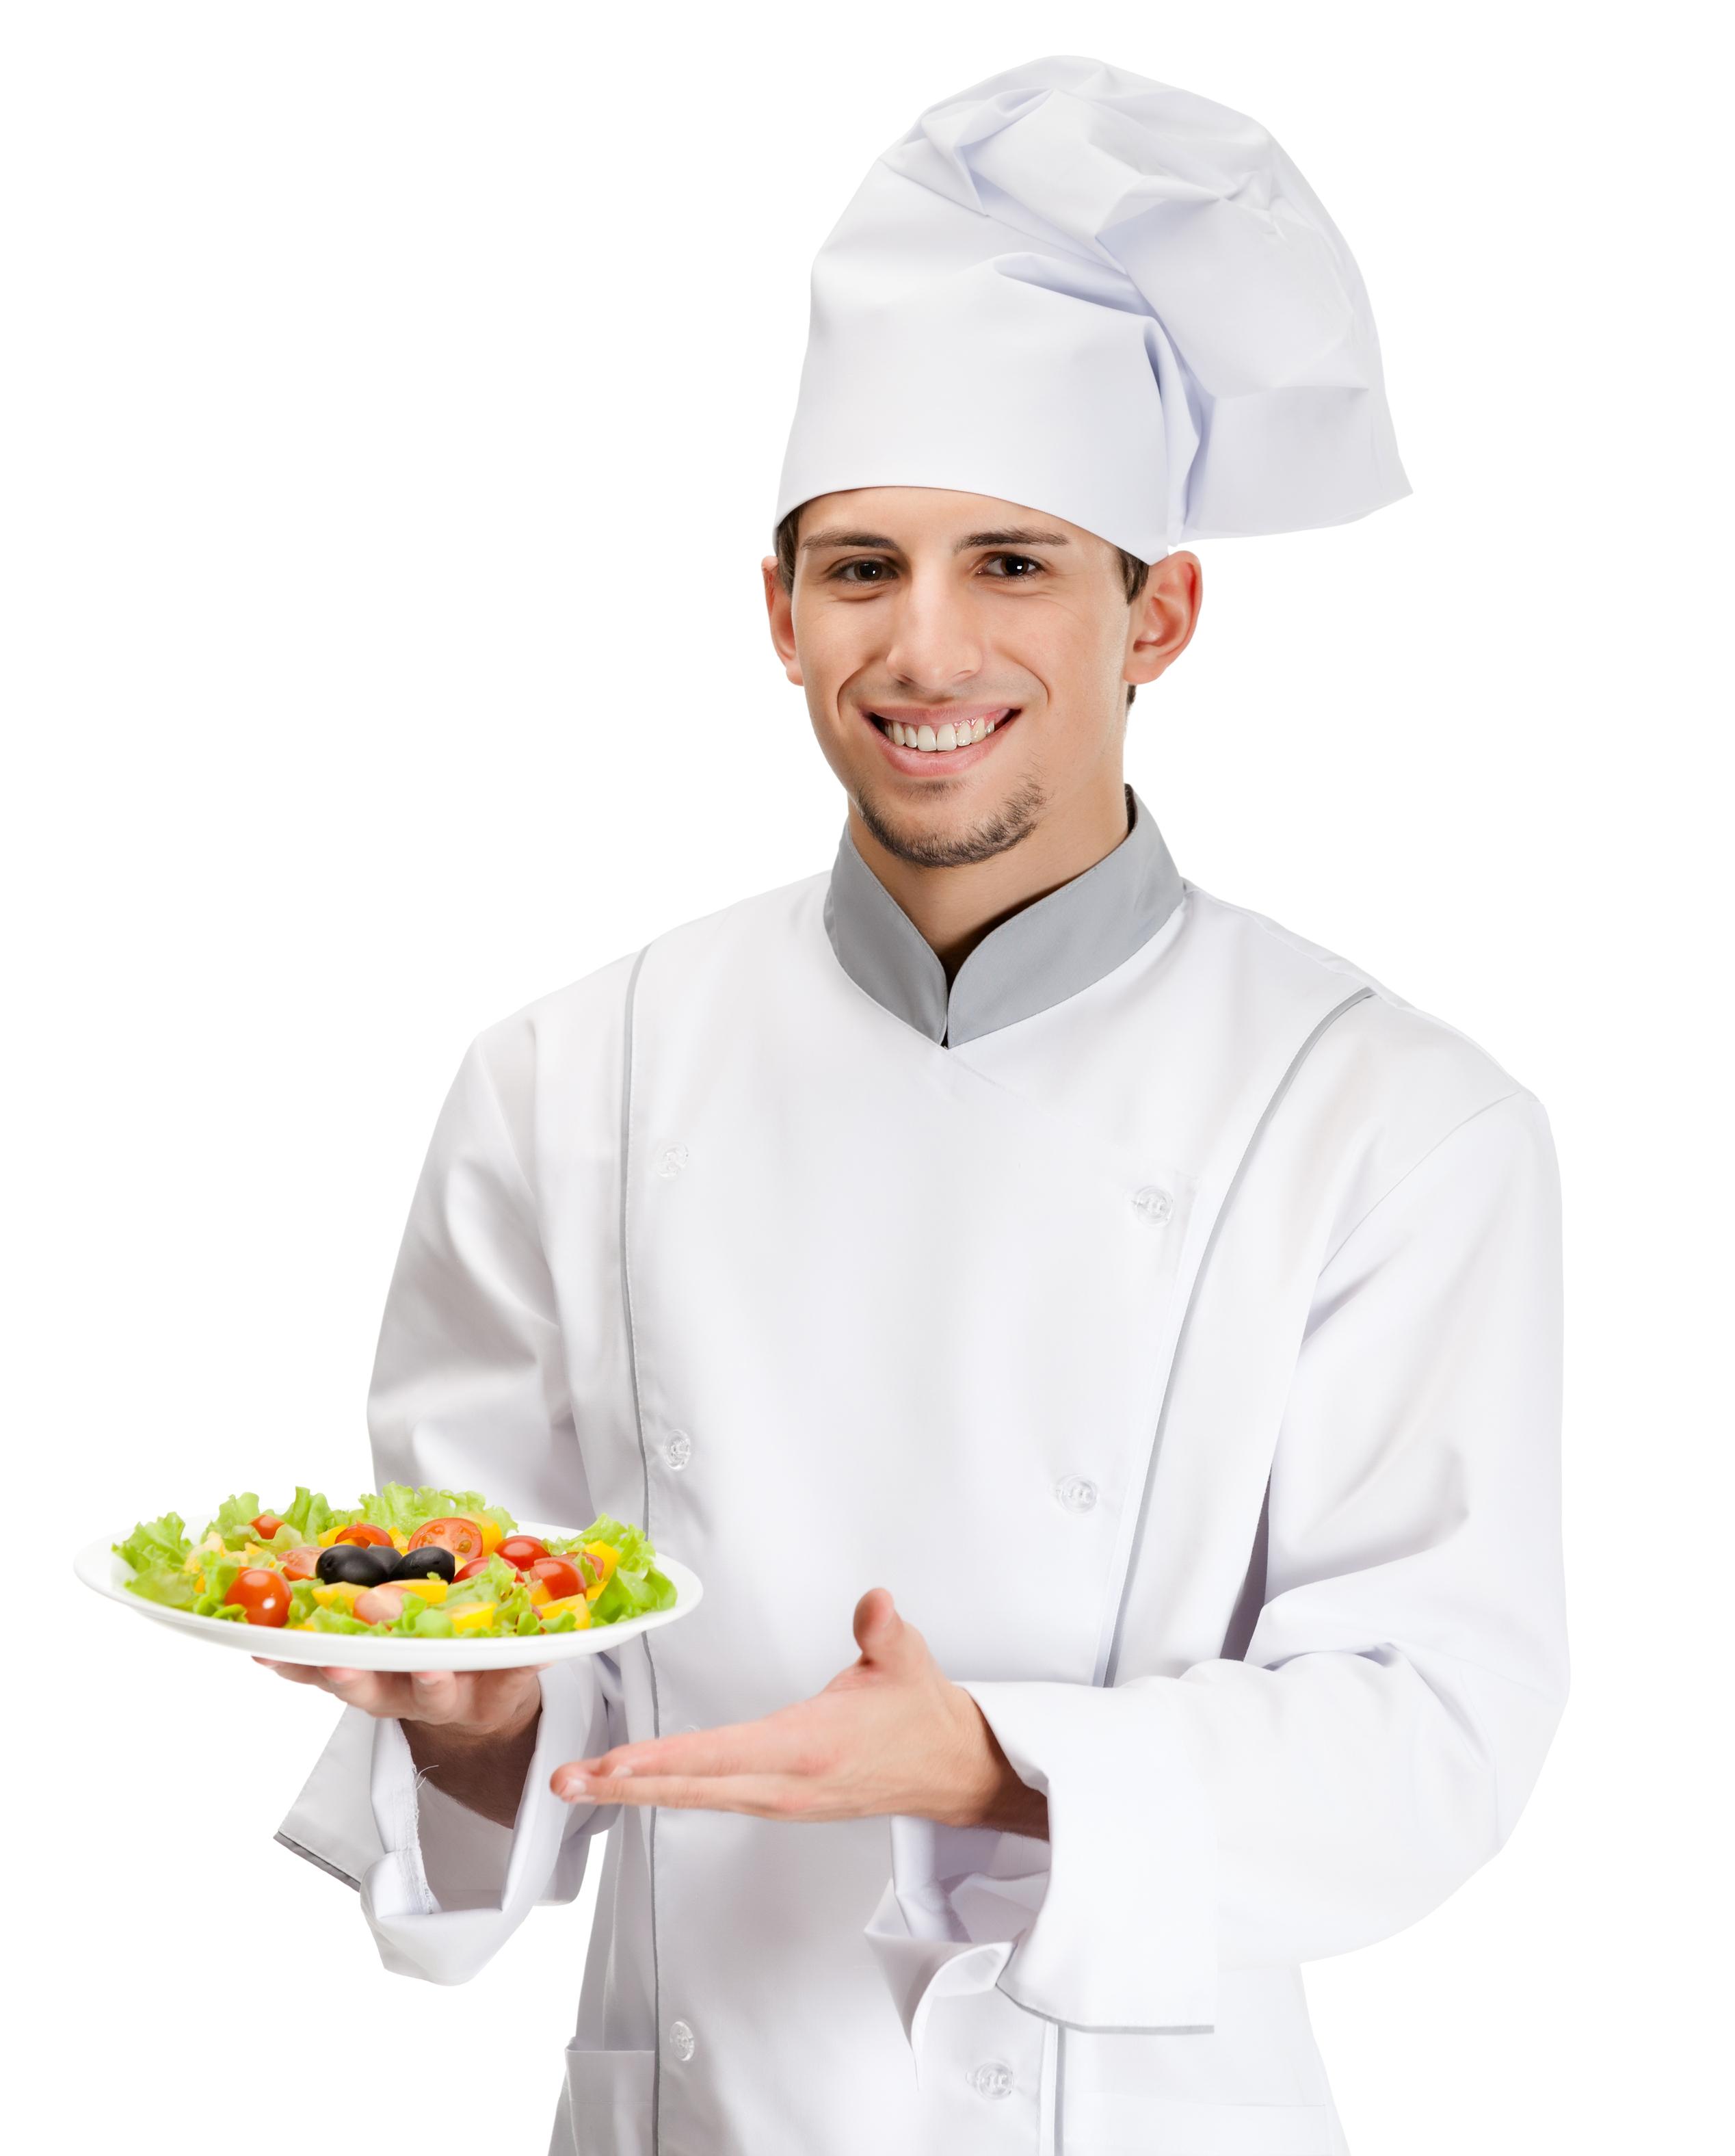 Картинка марта, картинки о поваре